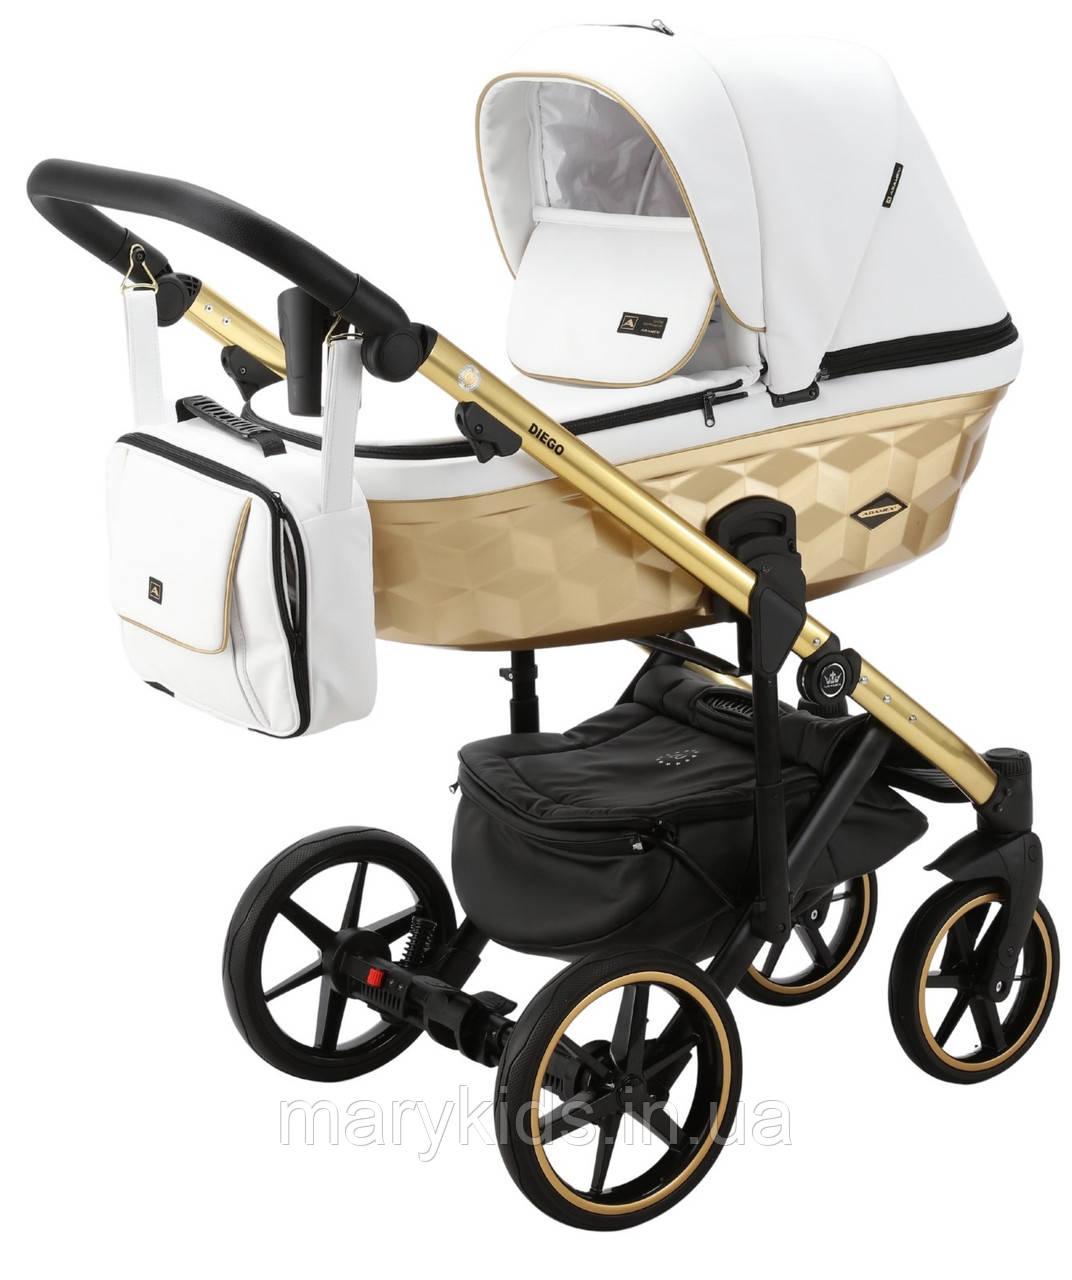 Детская универсальная коляска 2 в 1 Adamex Diego STAR-104